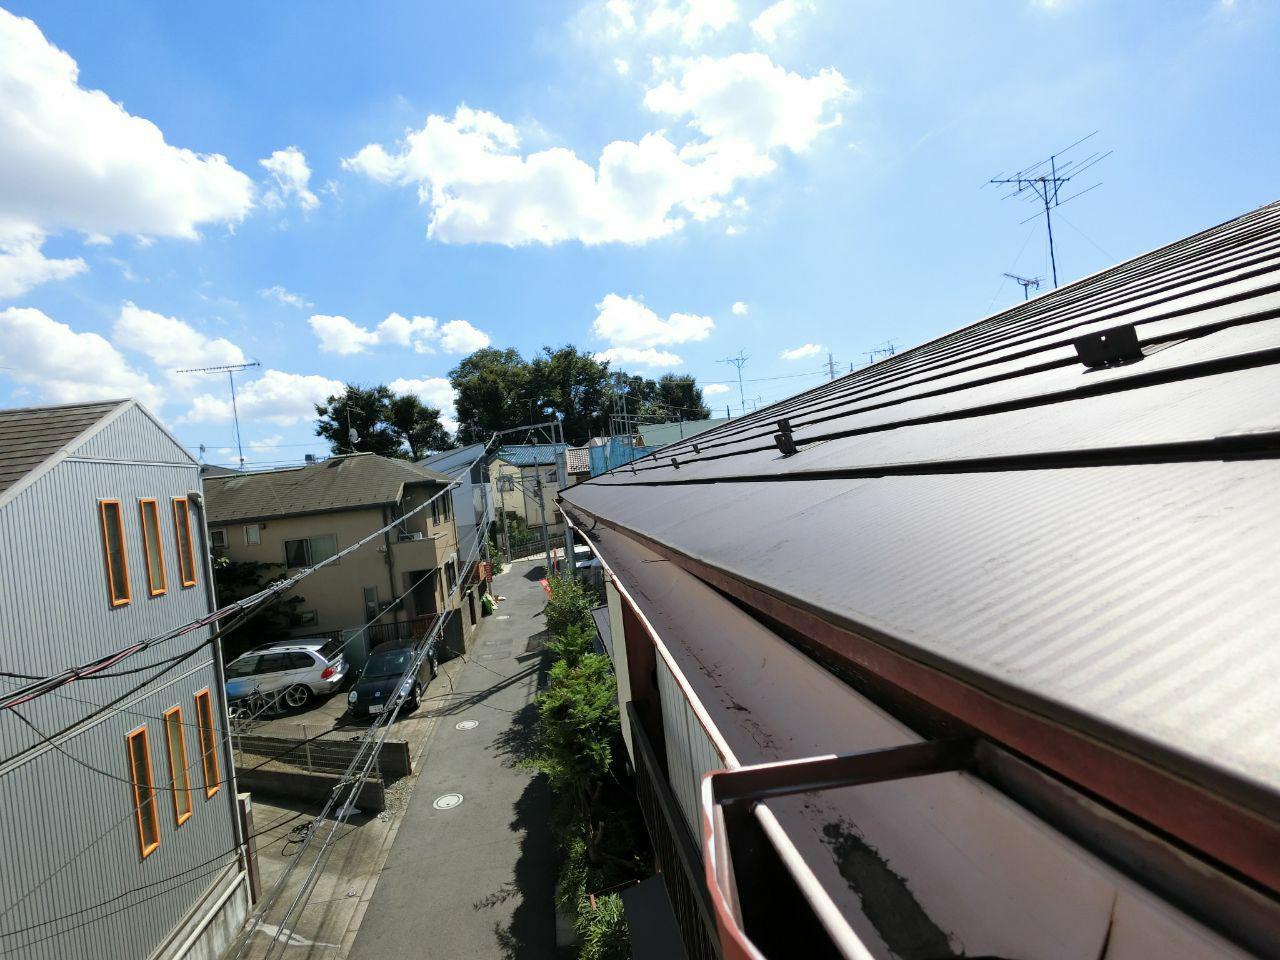 東京都杉並区で火災保険を使った雨樋工事のお知らせ!実費負担ゼロ工事実施中!